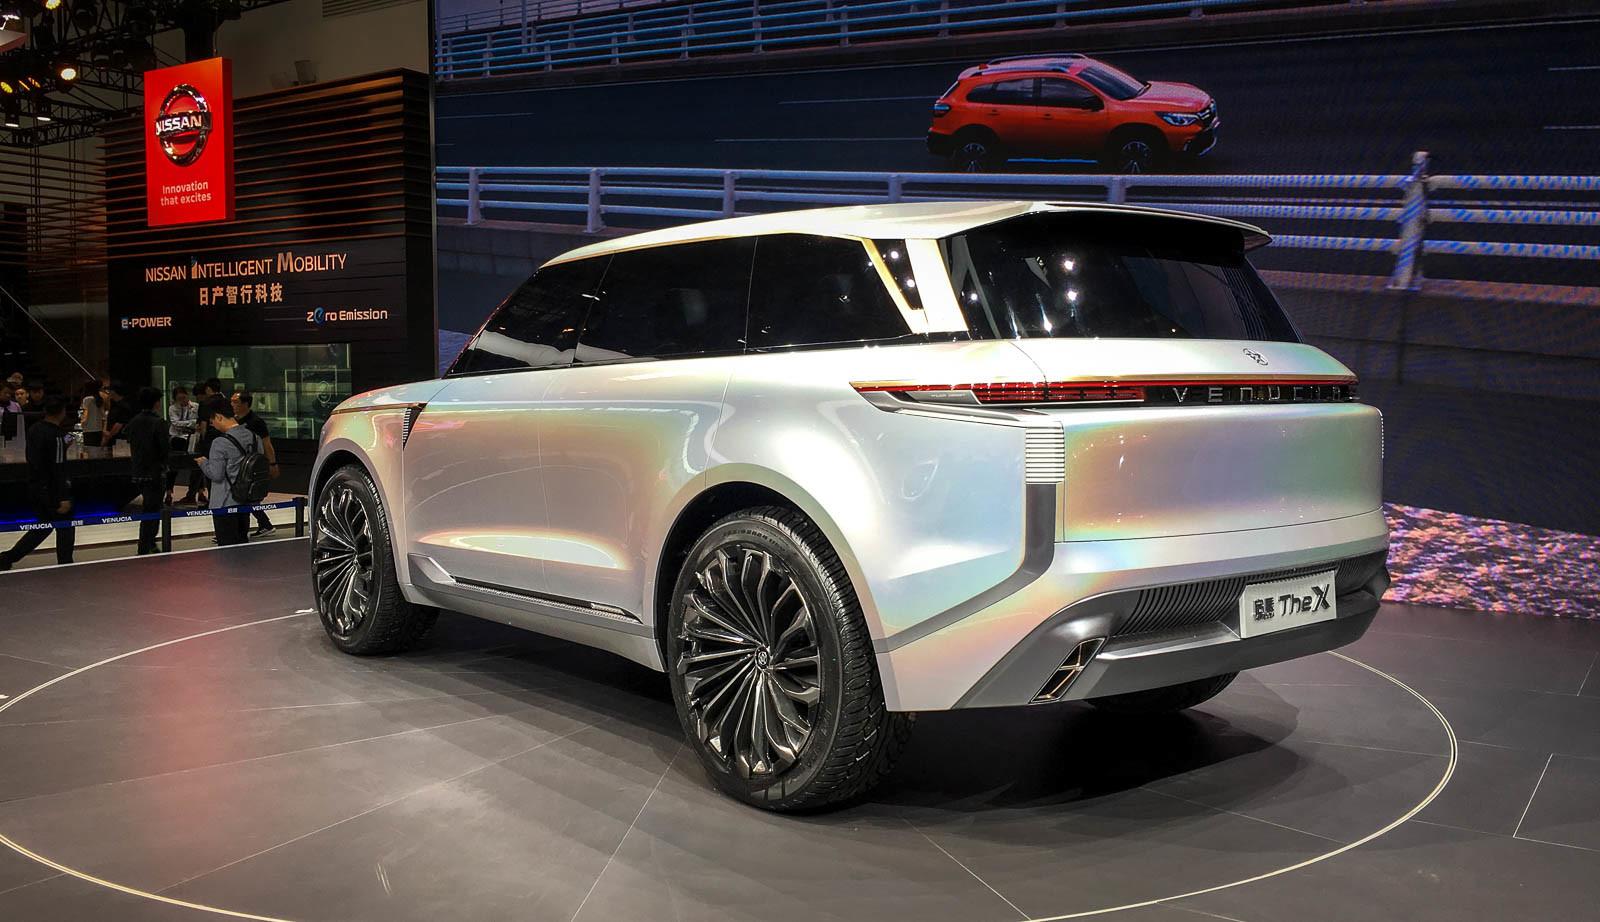 Nissan и Dongfeng показали дизайн крутого «бюджетника» 3